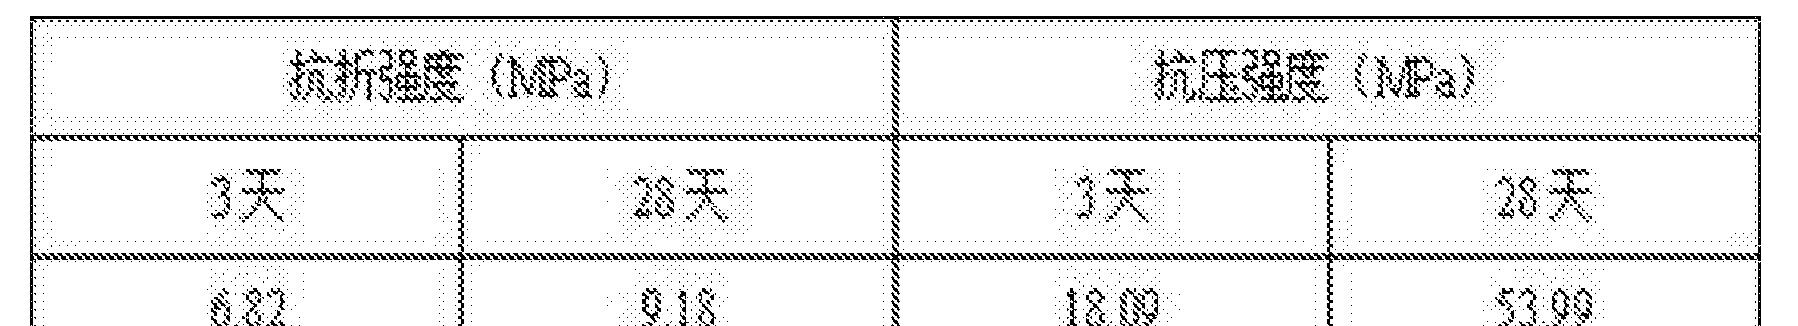 Figure CN104355558BD00111